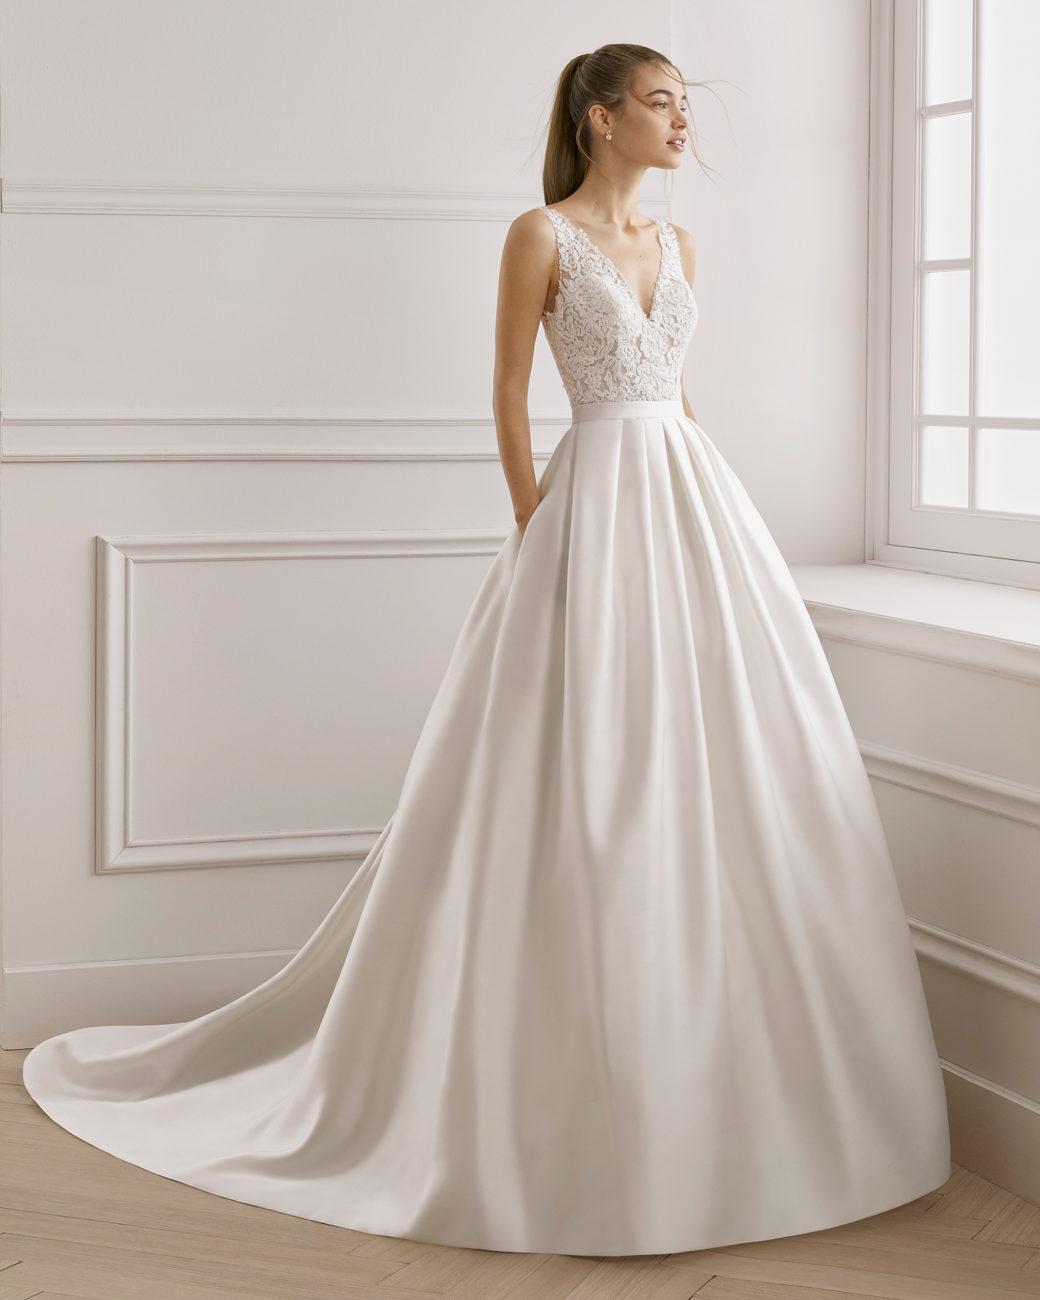 melhores lojas de SP para comprar ou alugar vestido de noiva